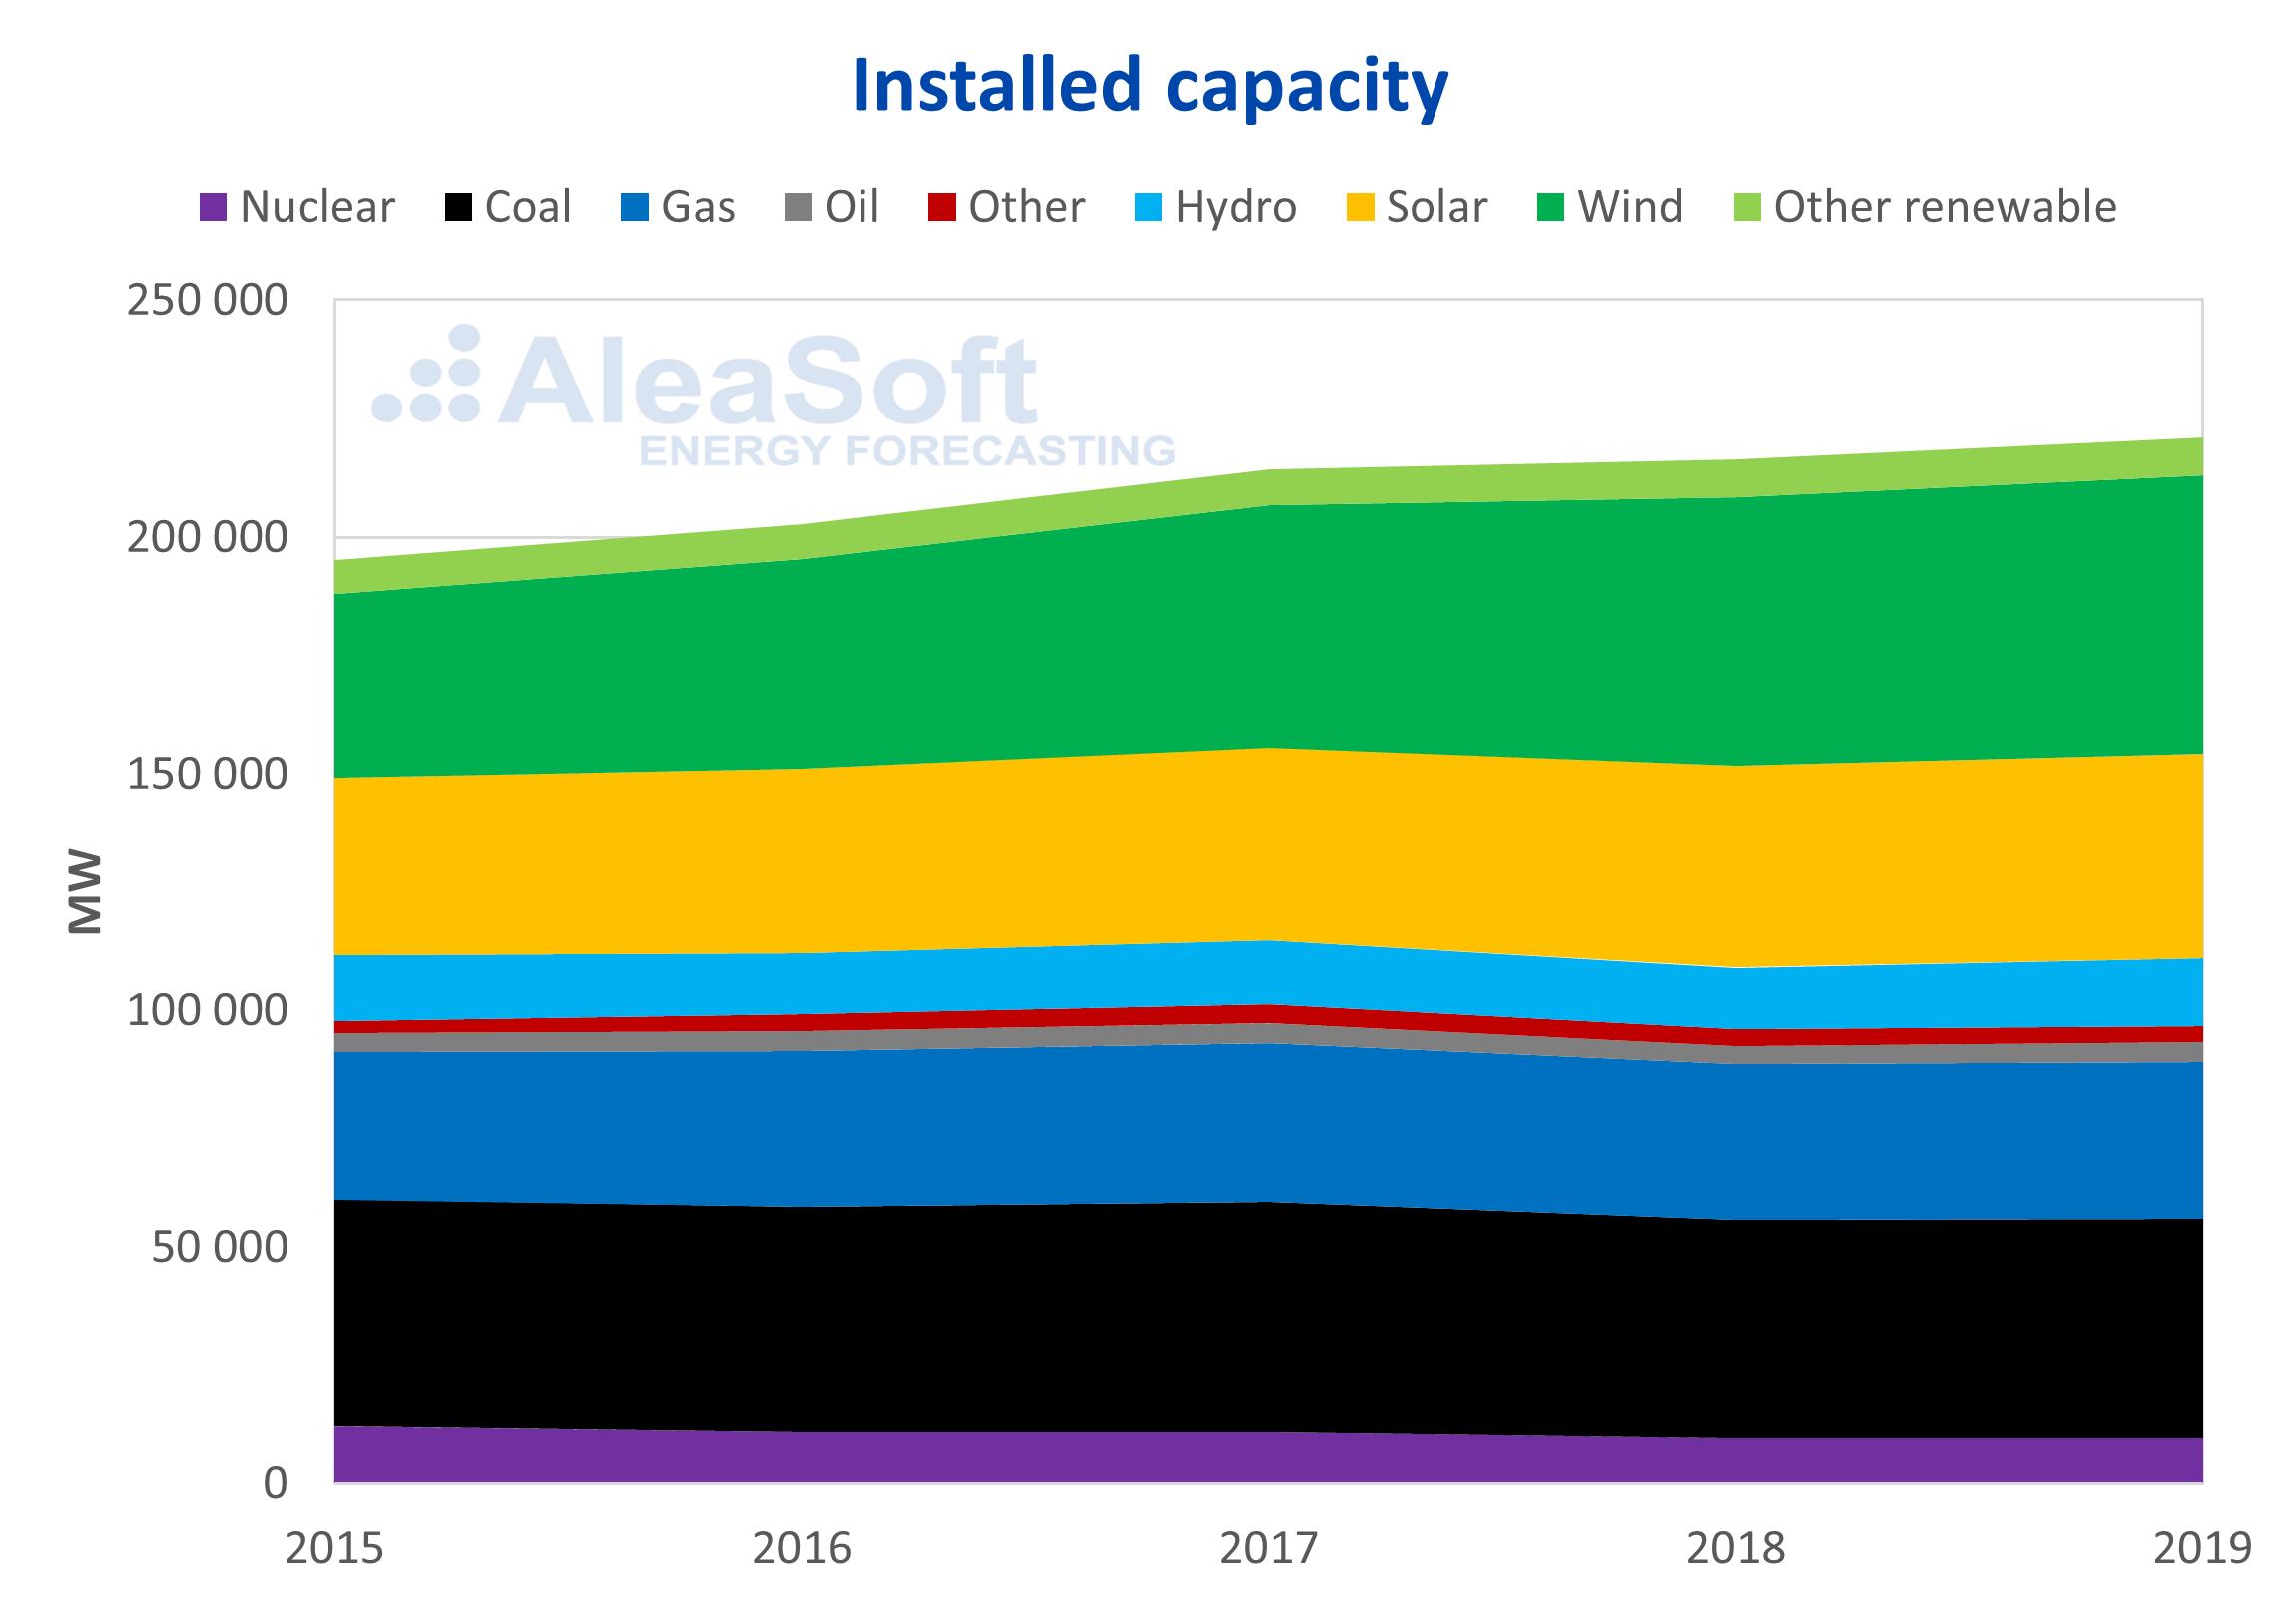 AleaSoft - Germany installed capacity